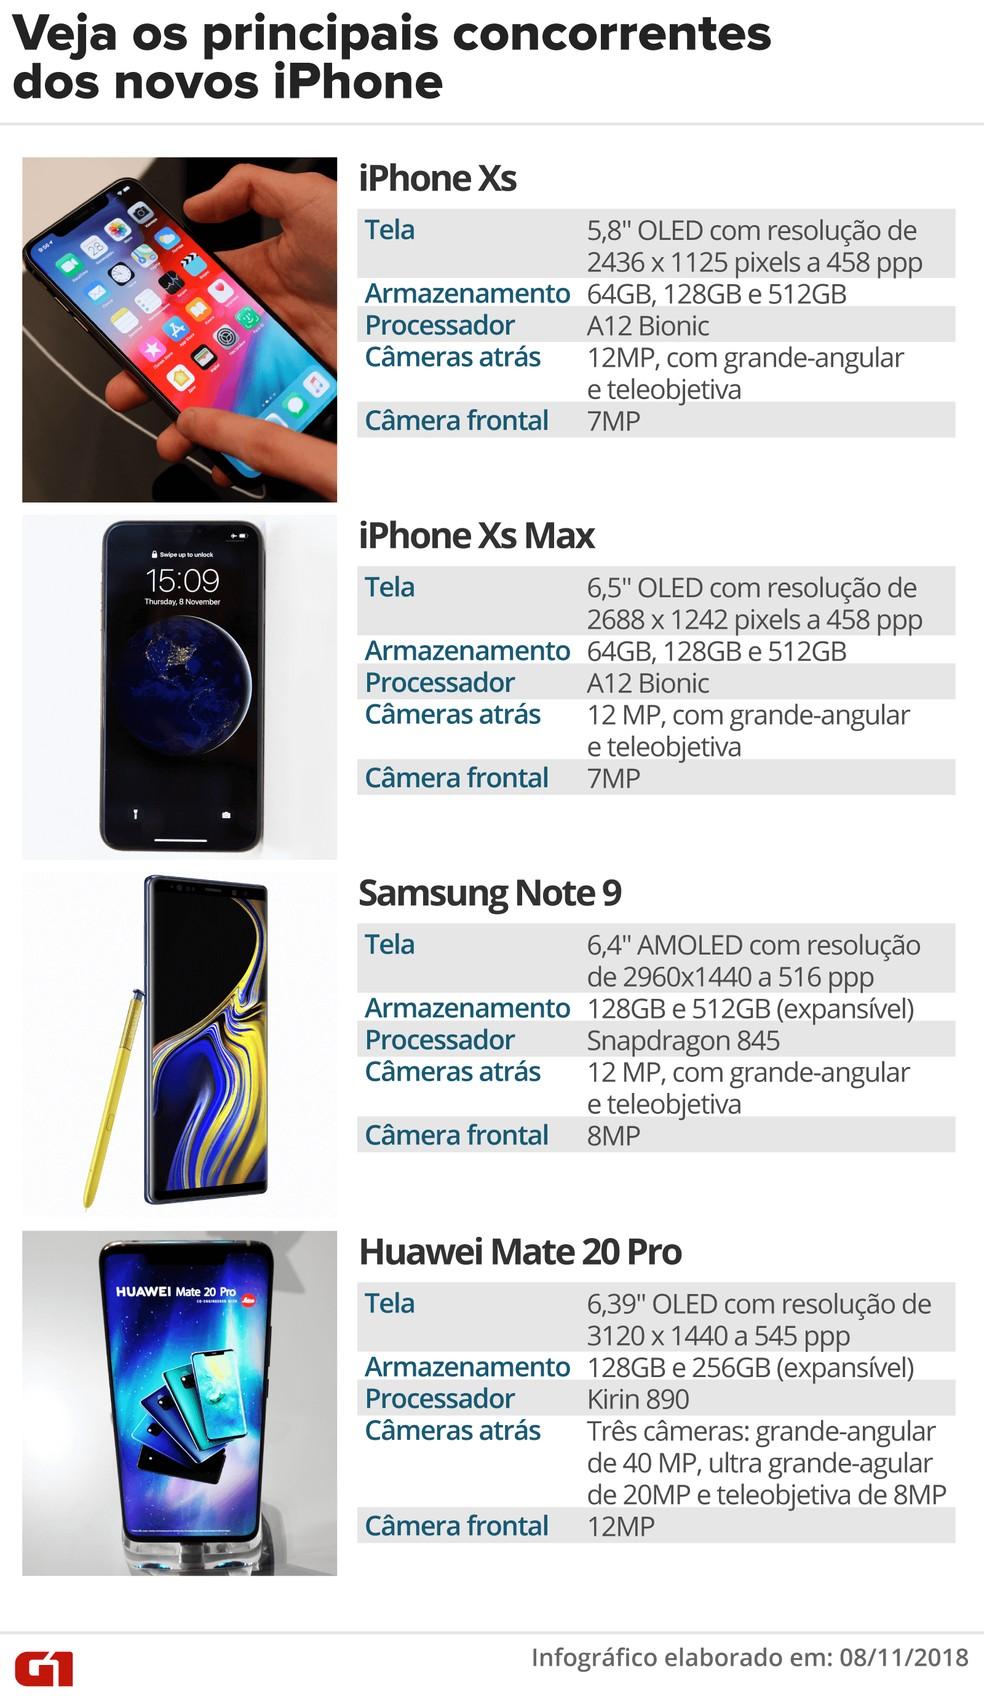 Veja a ficha técnica dos novos iPhone e seus principais concorrentes. — Foto: Roberta Jaworski/G1